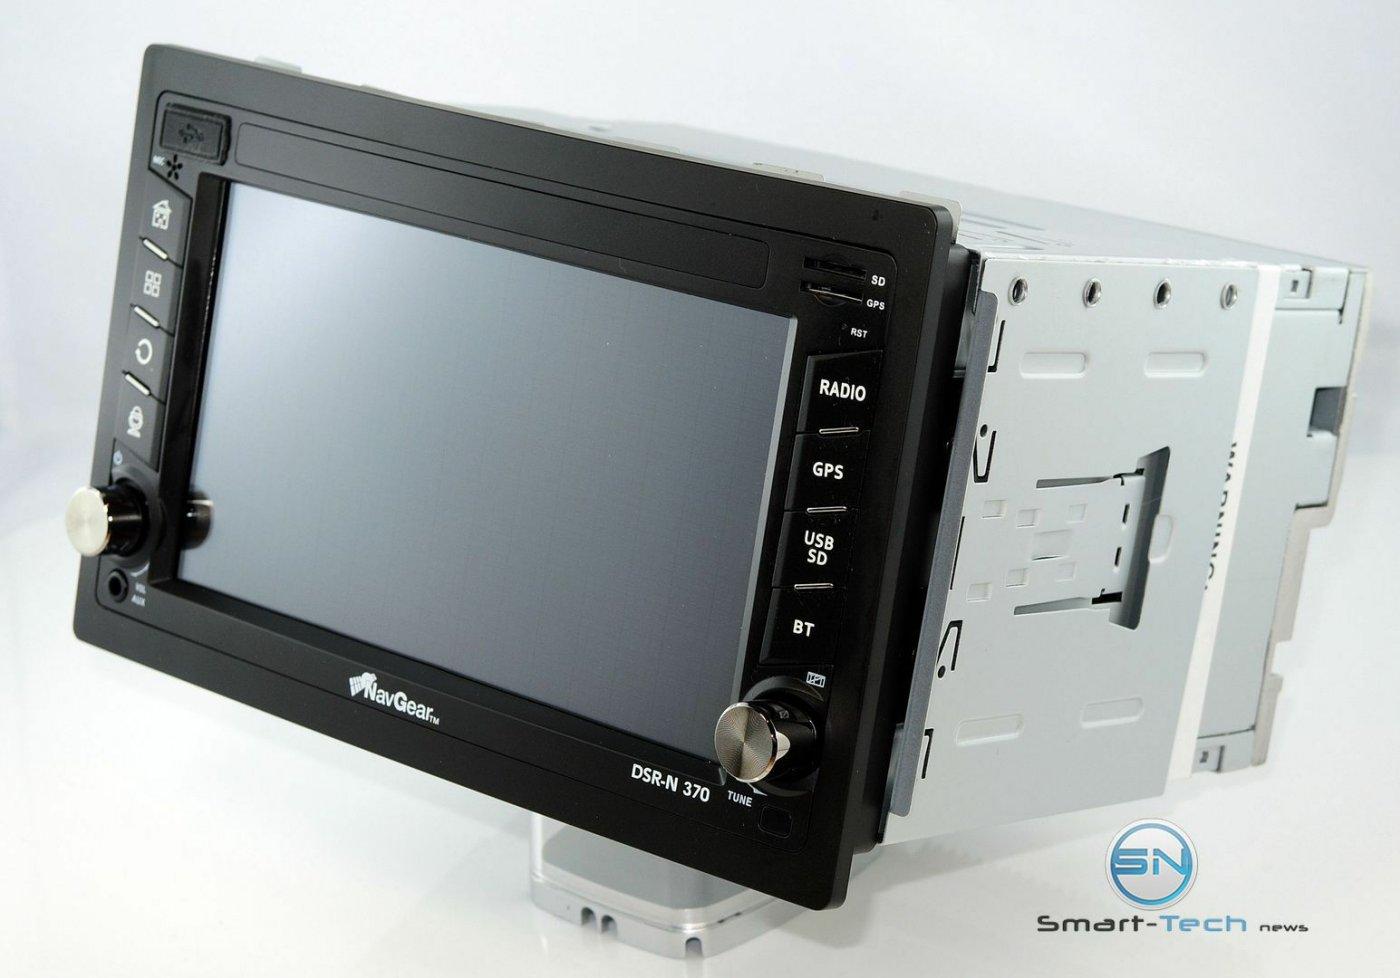 NavGear 2-DIN Android-Autoradio DSR-N 370 mit Navi für D-A-CH, GPS, WiFI, BT2, MirrorLink